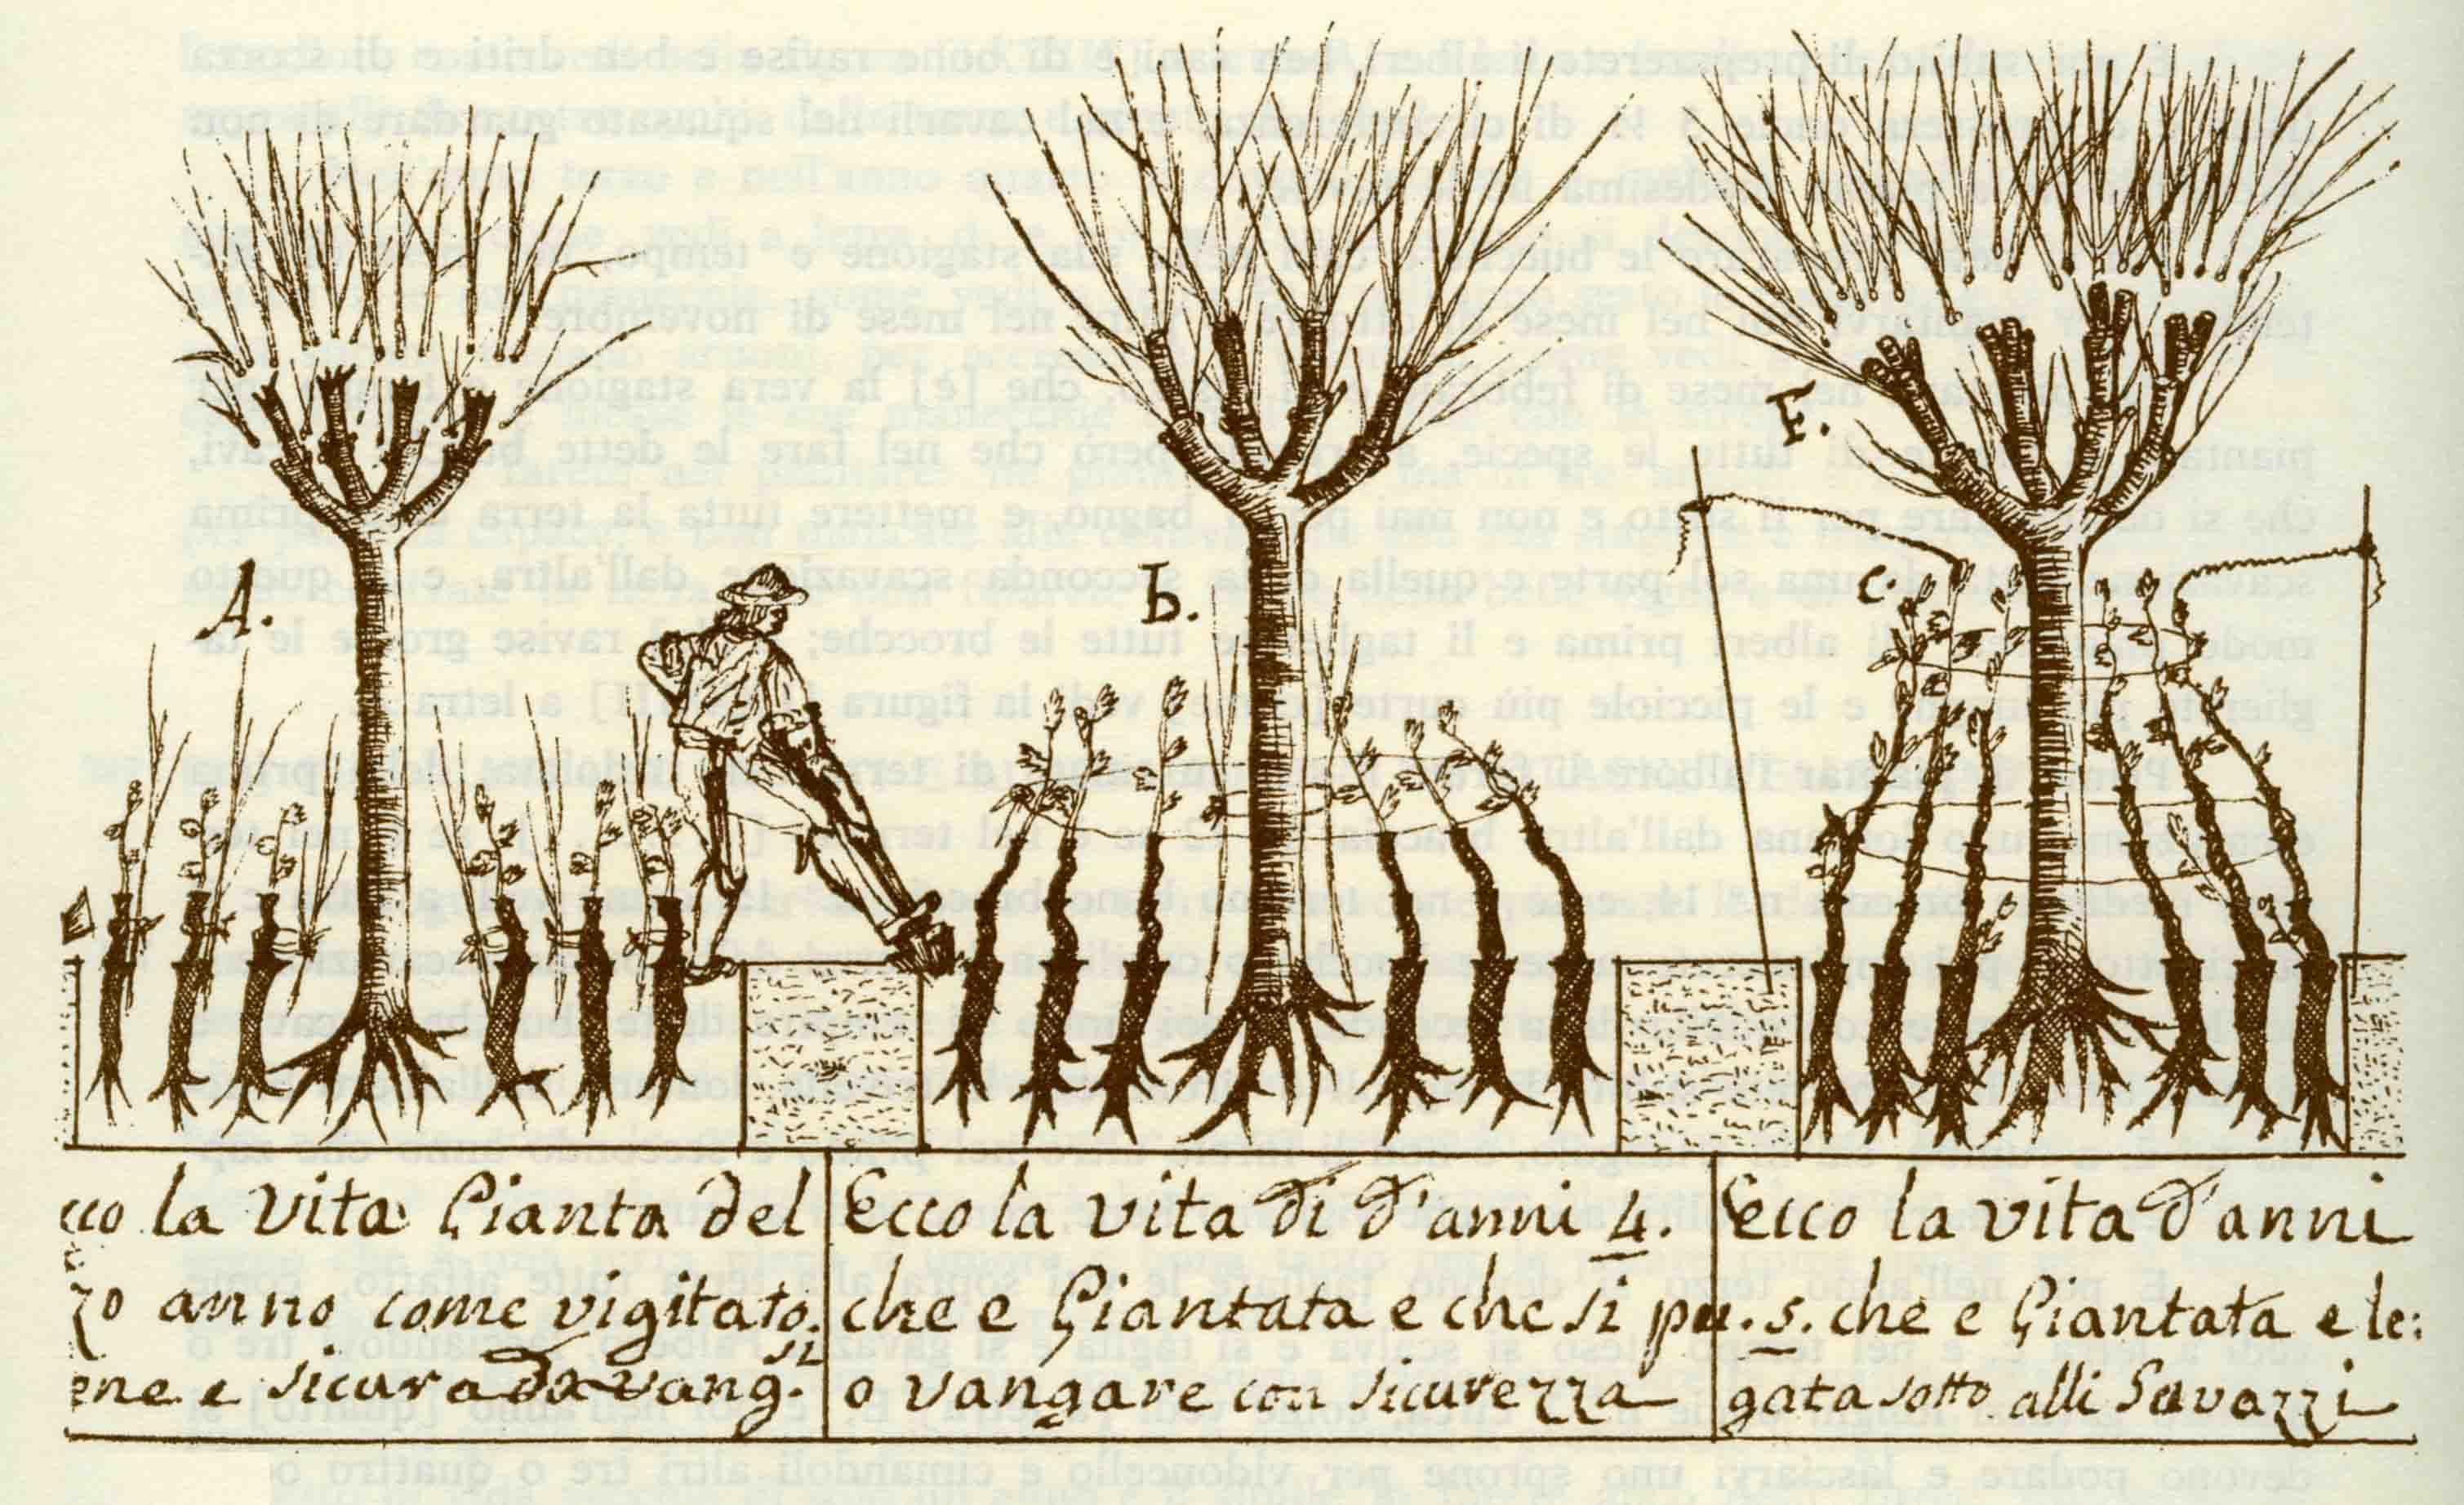 """11c. Una pagina dal """"Trattato delle viti"""" nel manoscritto Insegnamenti di agricoltura parmigiana, XVIII secolo (Parma, Archivio di Stato)."""